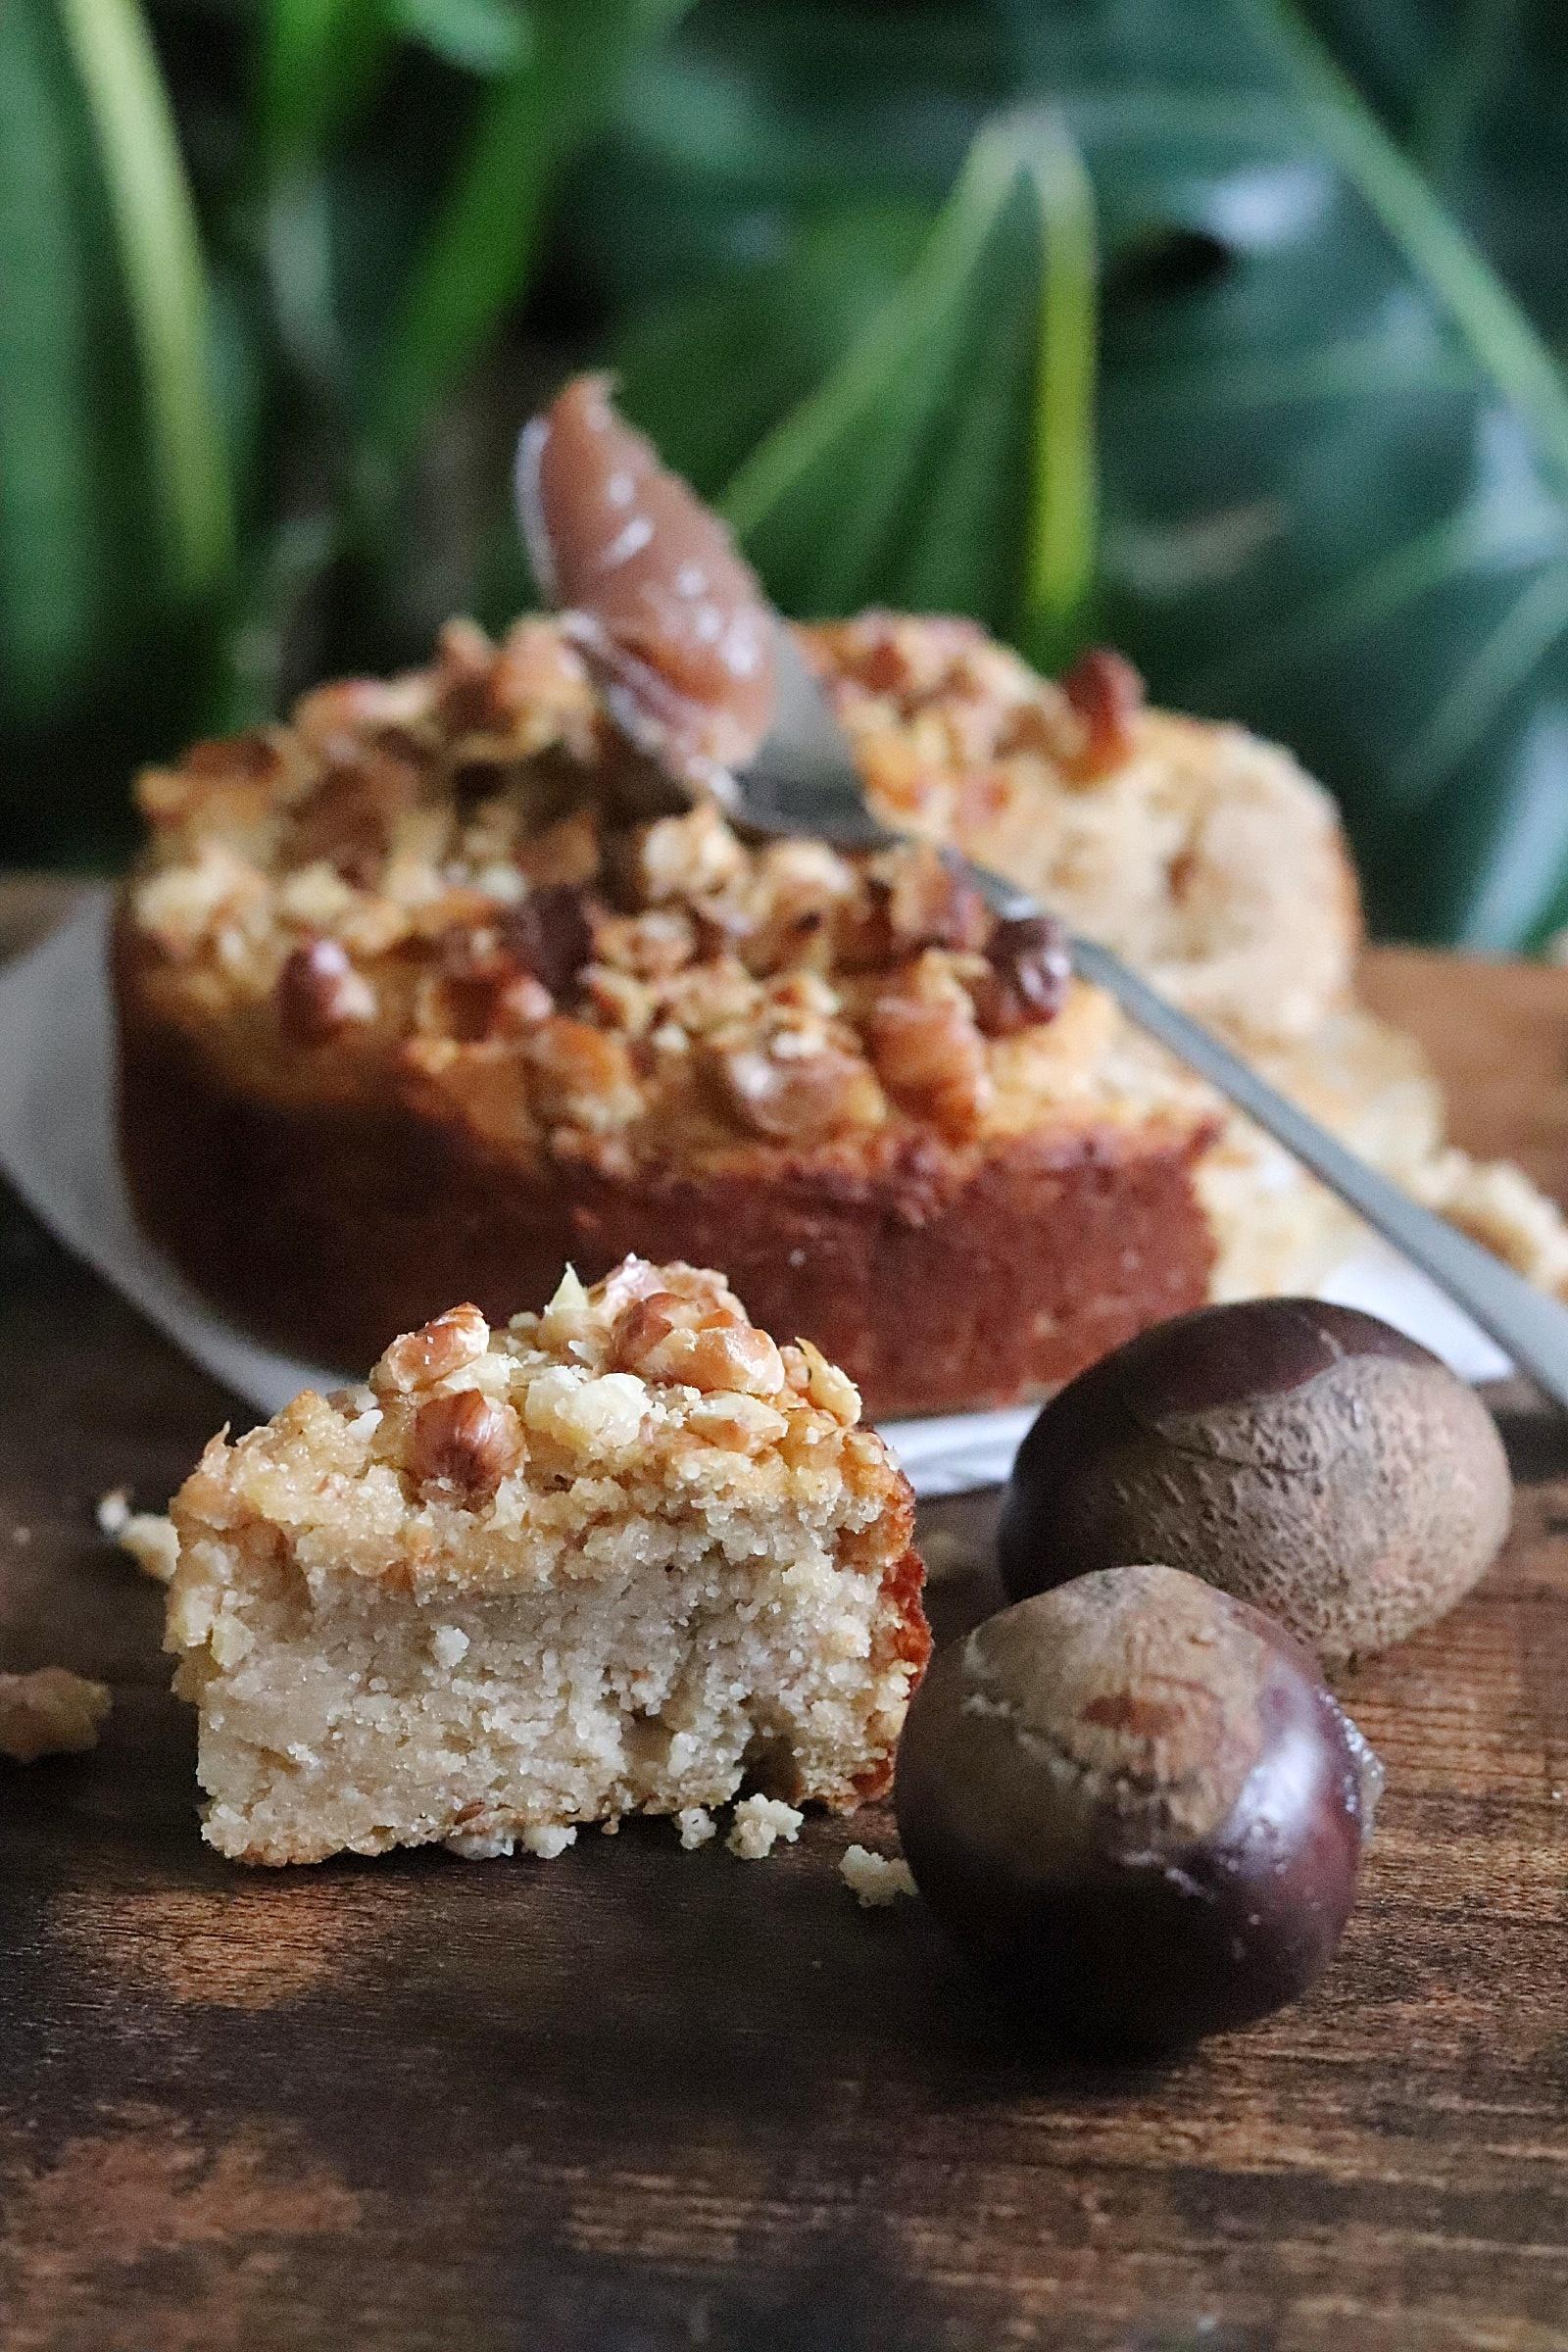 Moelleux fondant amande et crème de marrons, vegan, sans gluten, sans matières grasses ni sucres ajoutés